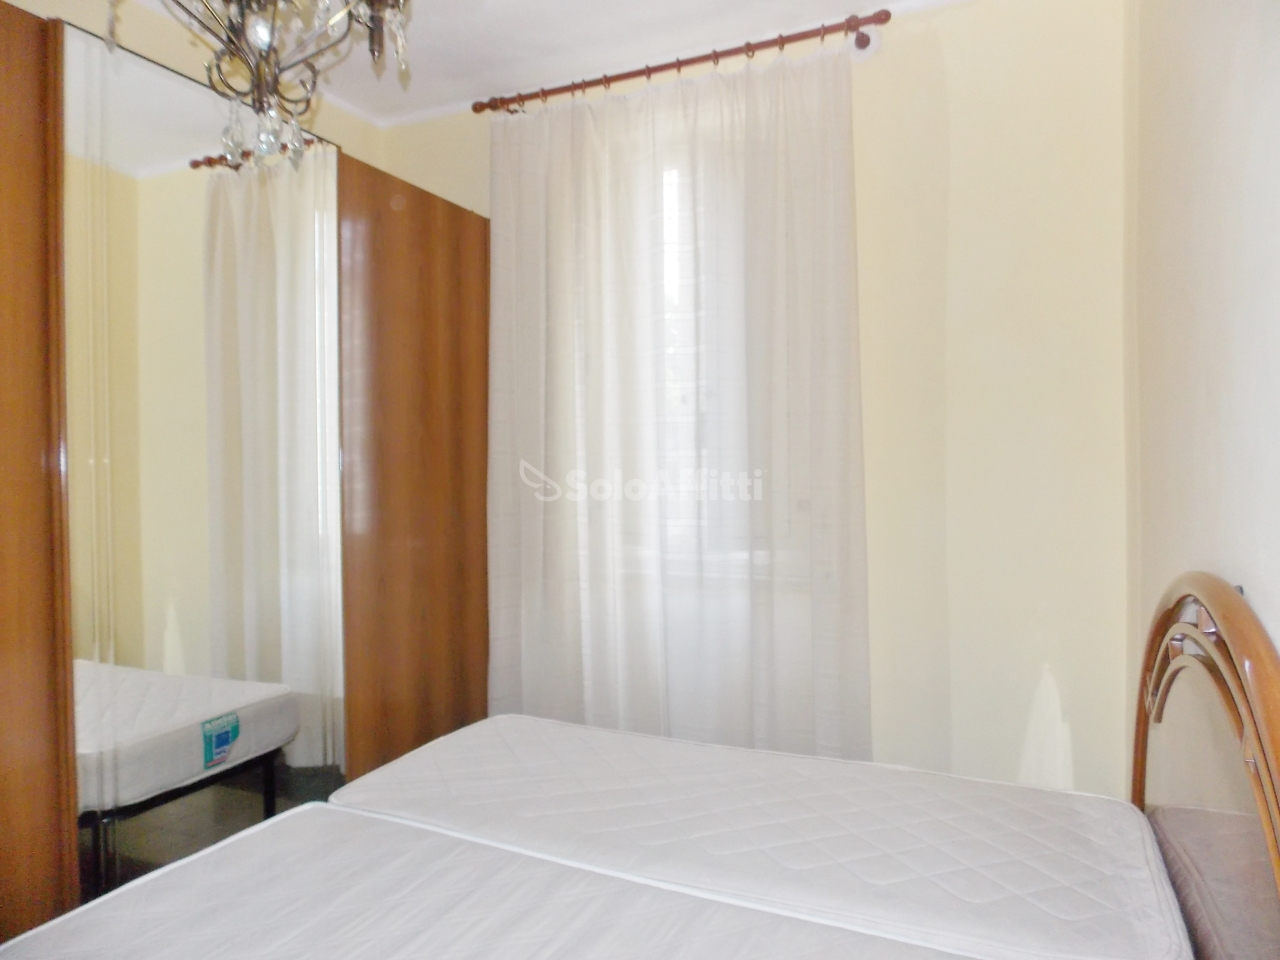 Bilocale in buone condizioni arredato in affitto Rif. 9517127